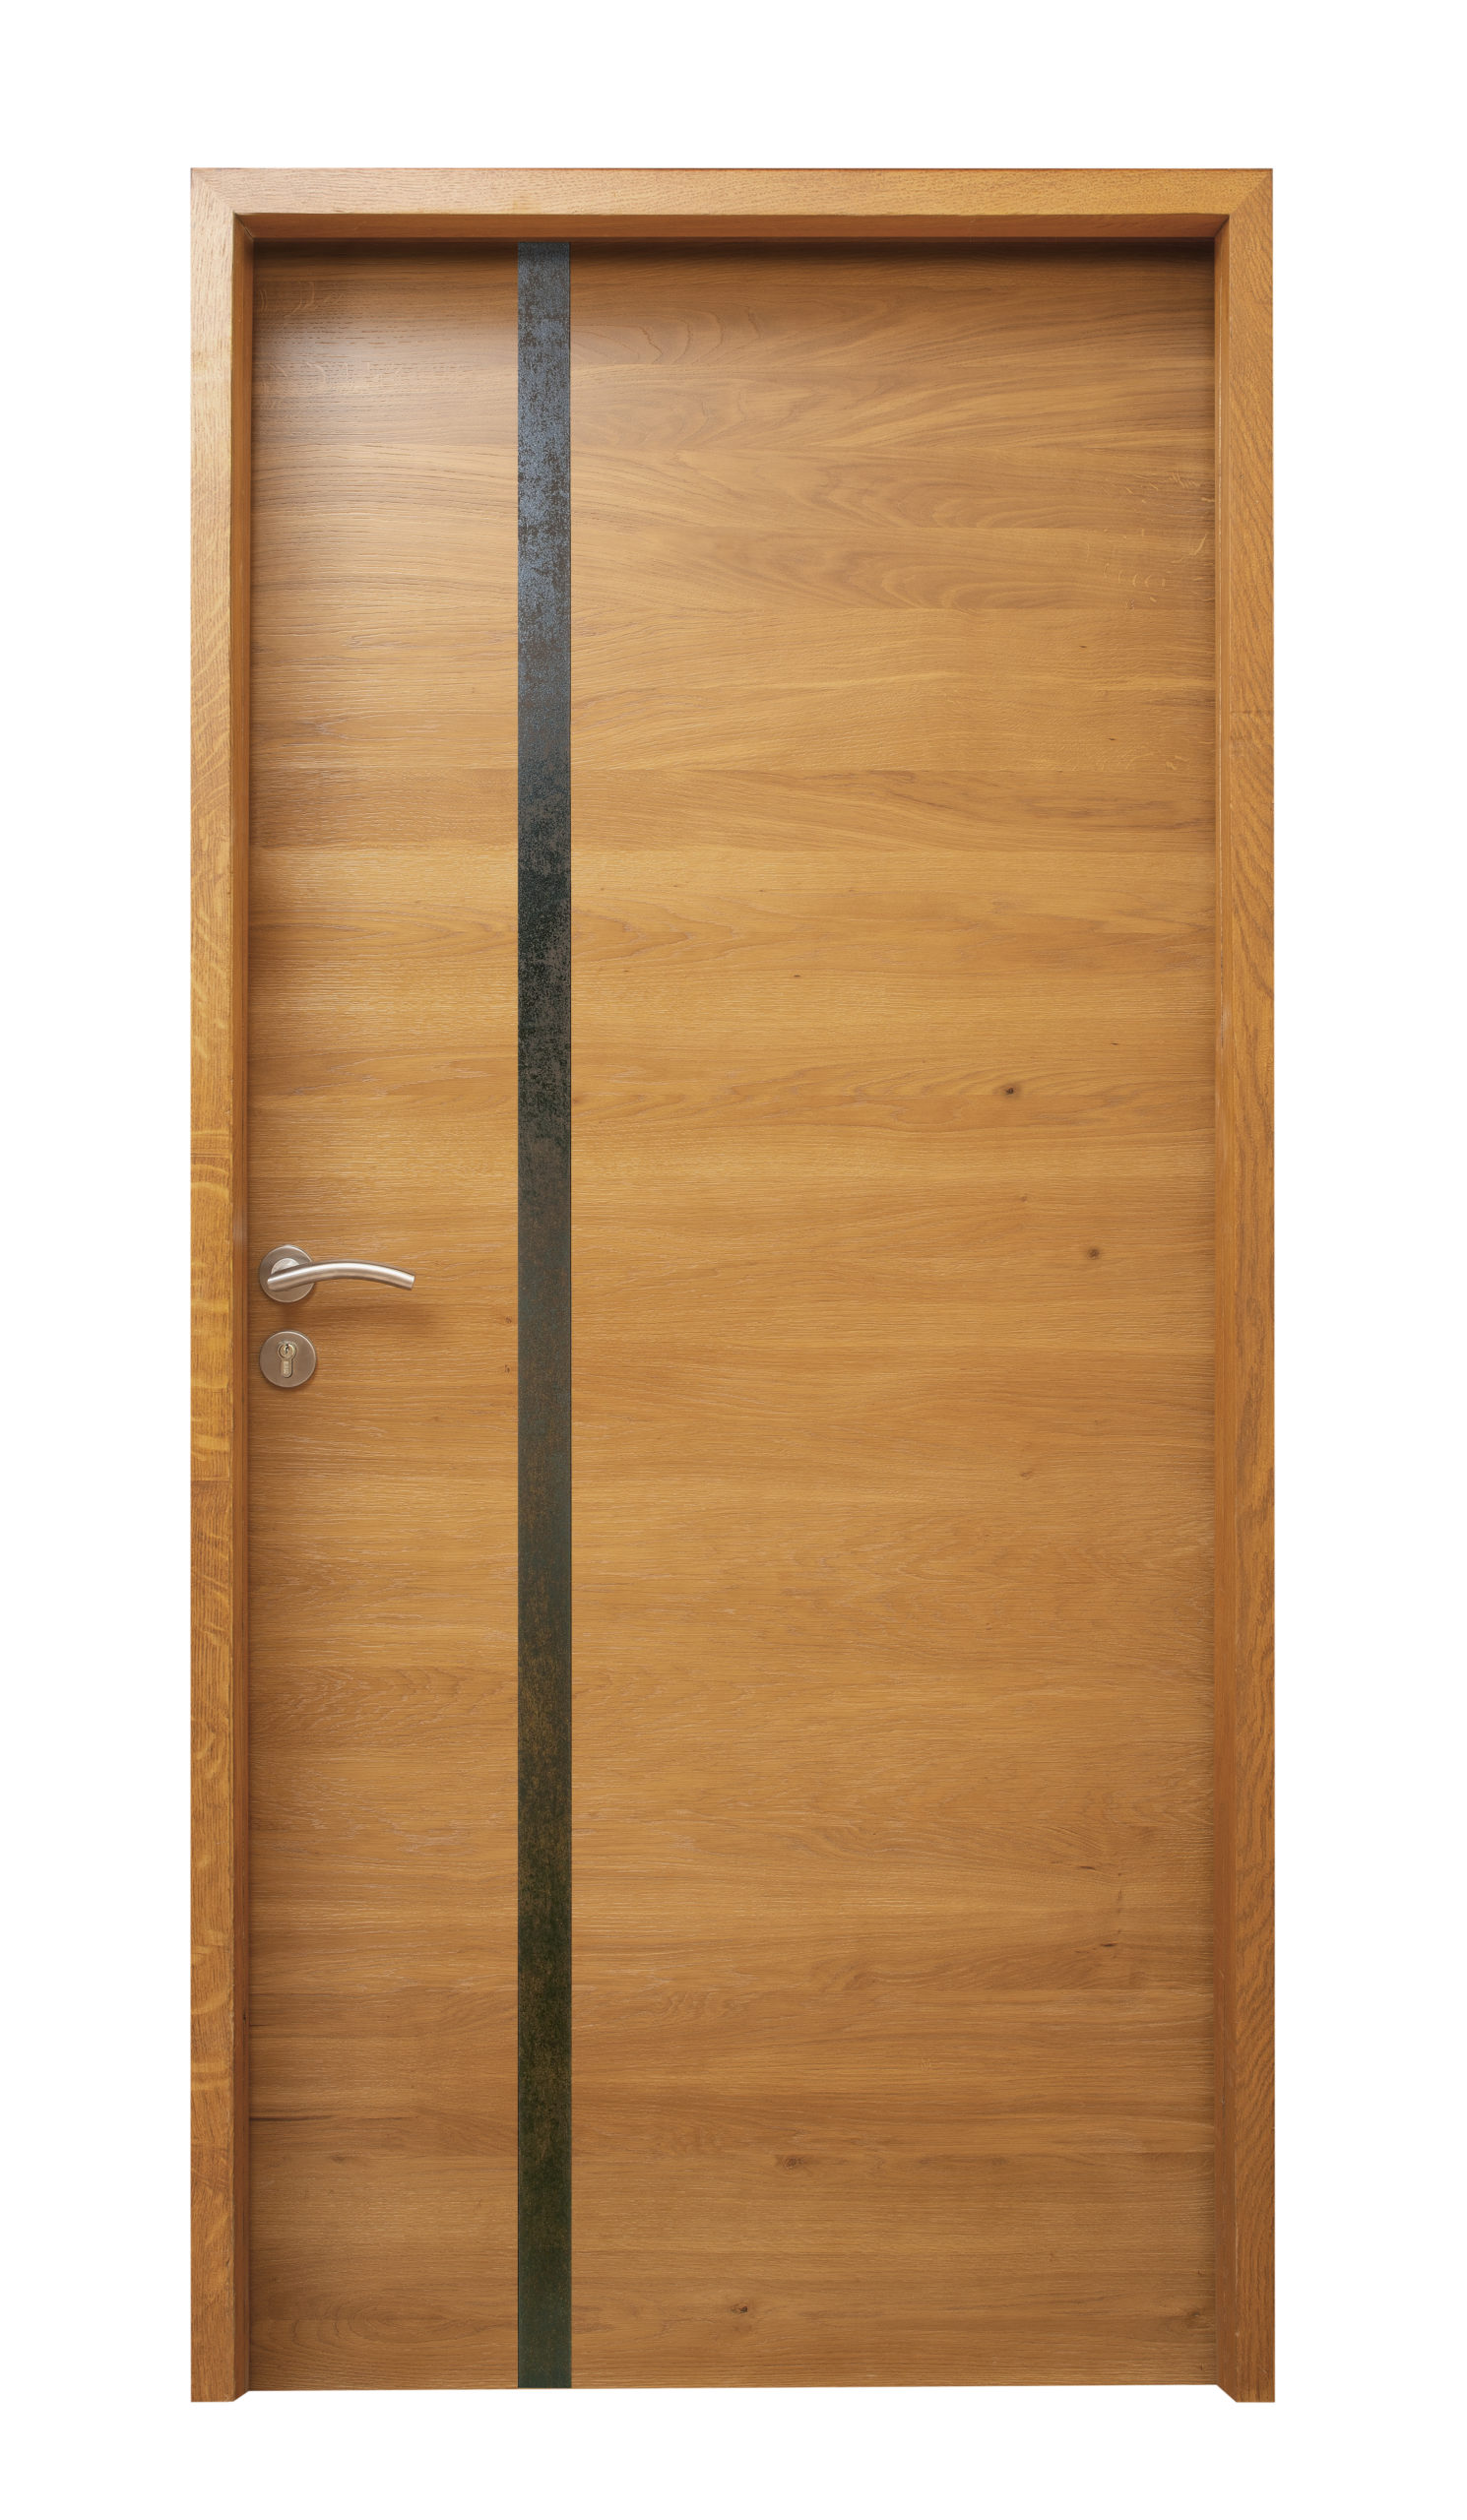 Porte d'intérieur Signature bois céramique